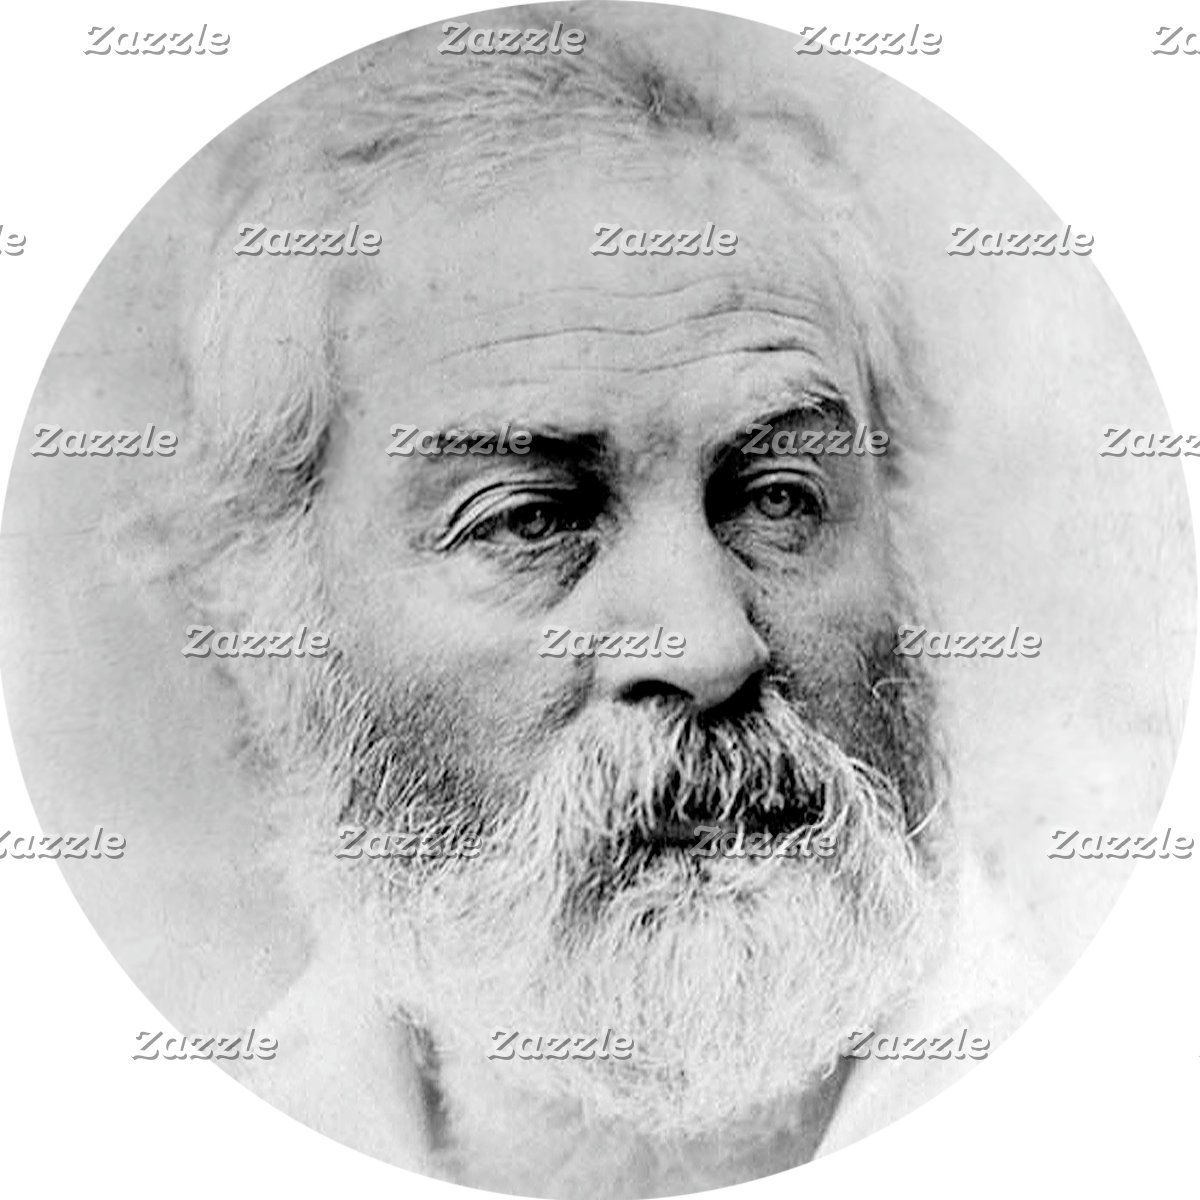 Whitman's Civil War